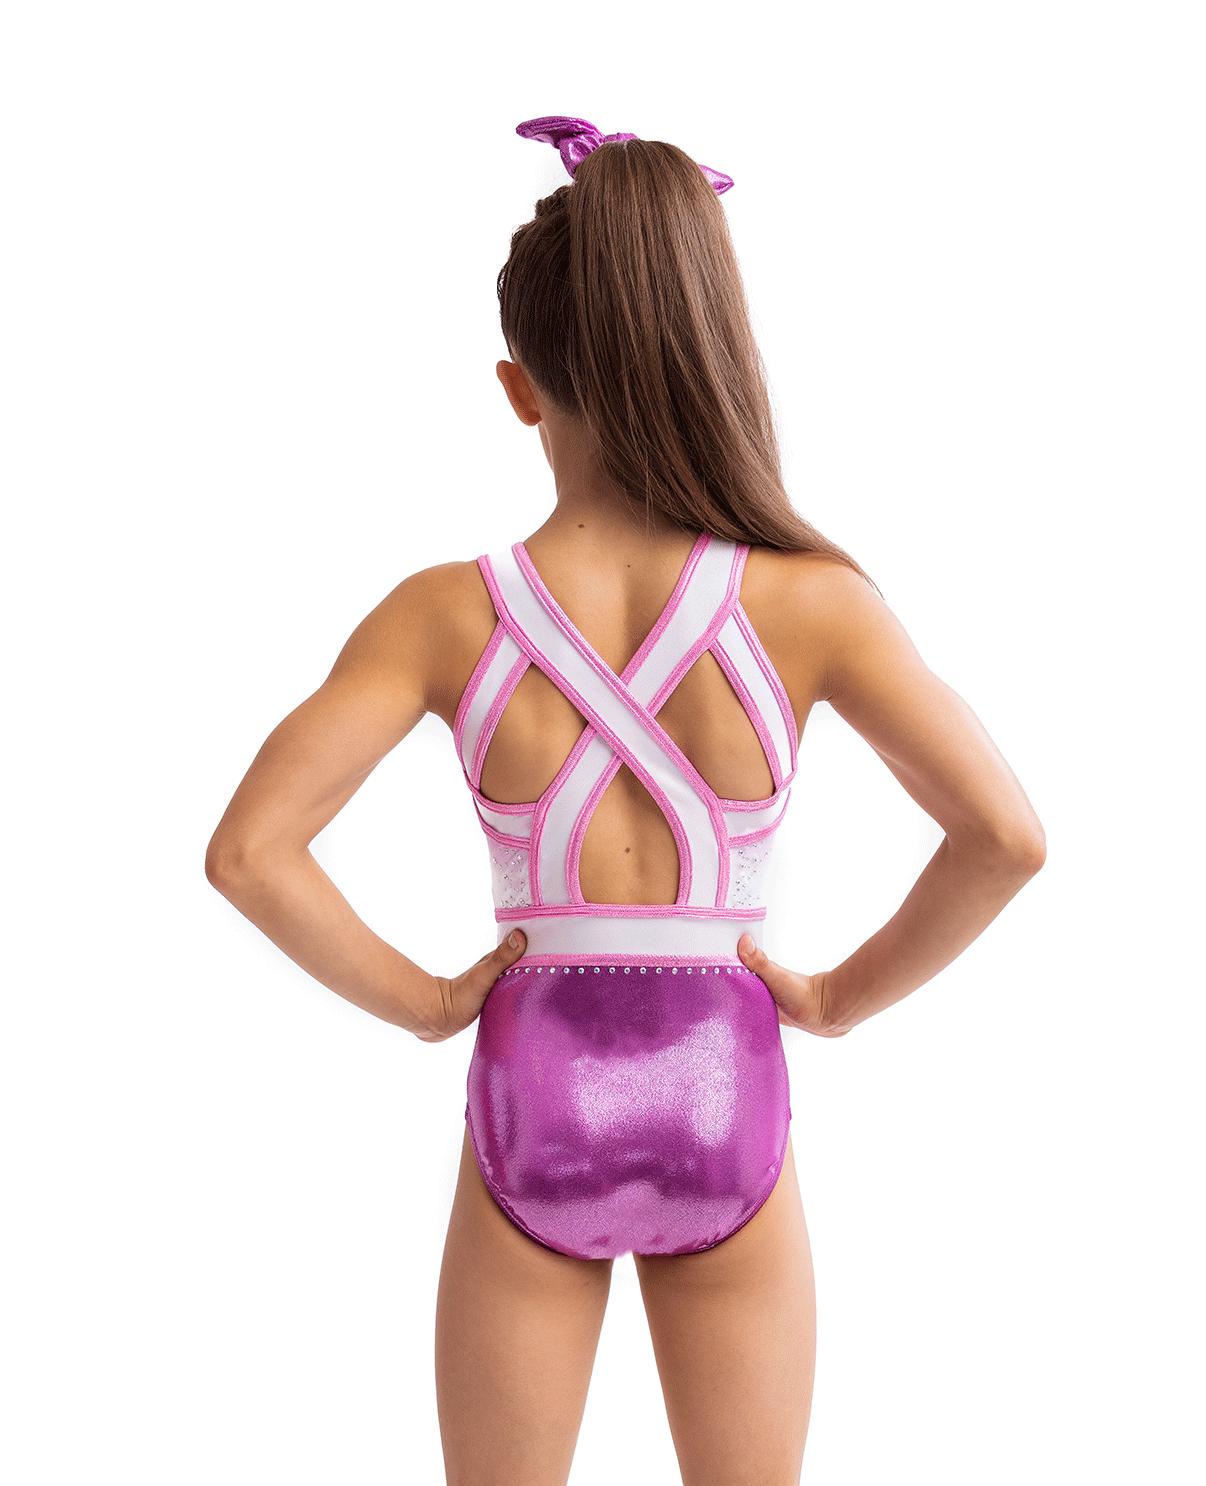 spritzer, open back, cool back, pink, leotard, ombre